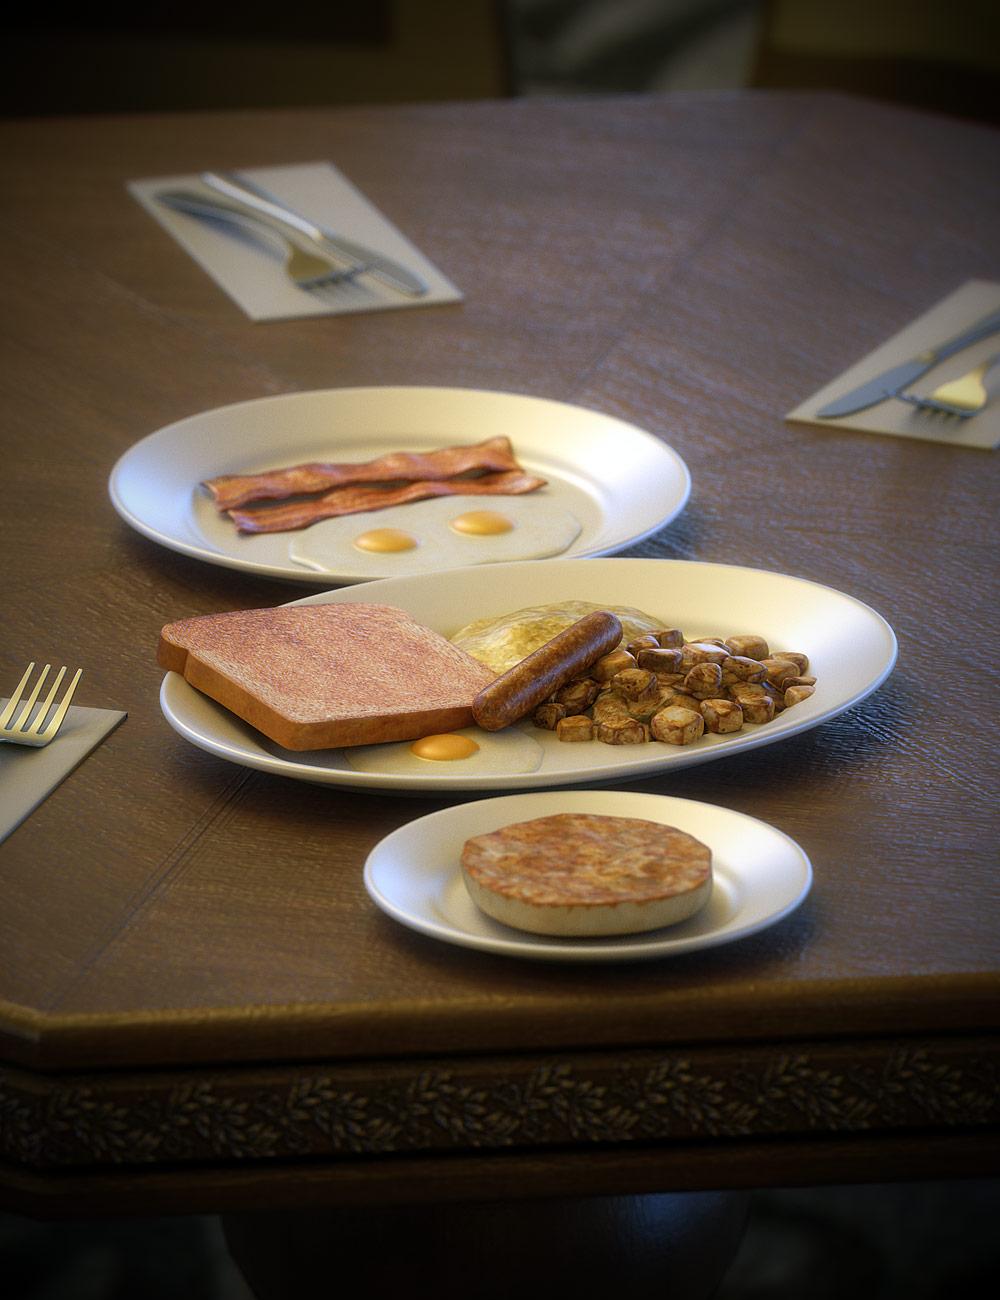 Diner Food 1 by: blondie9999, 3D Models by Daz 3D